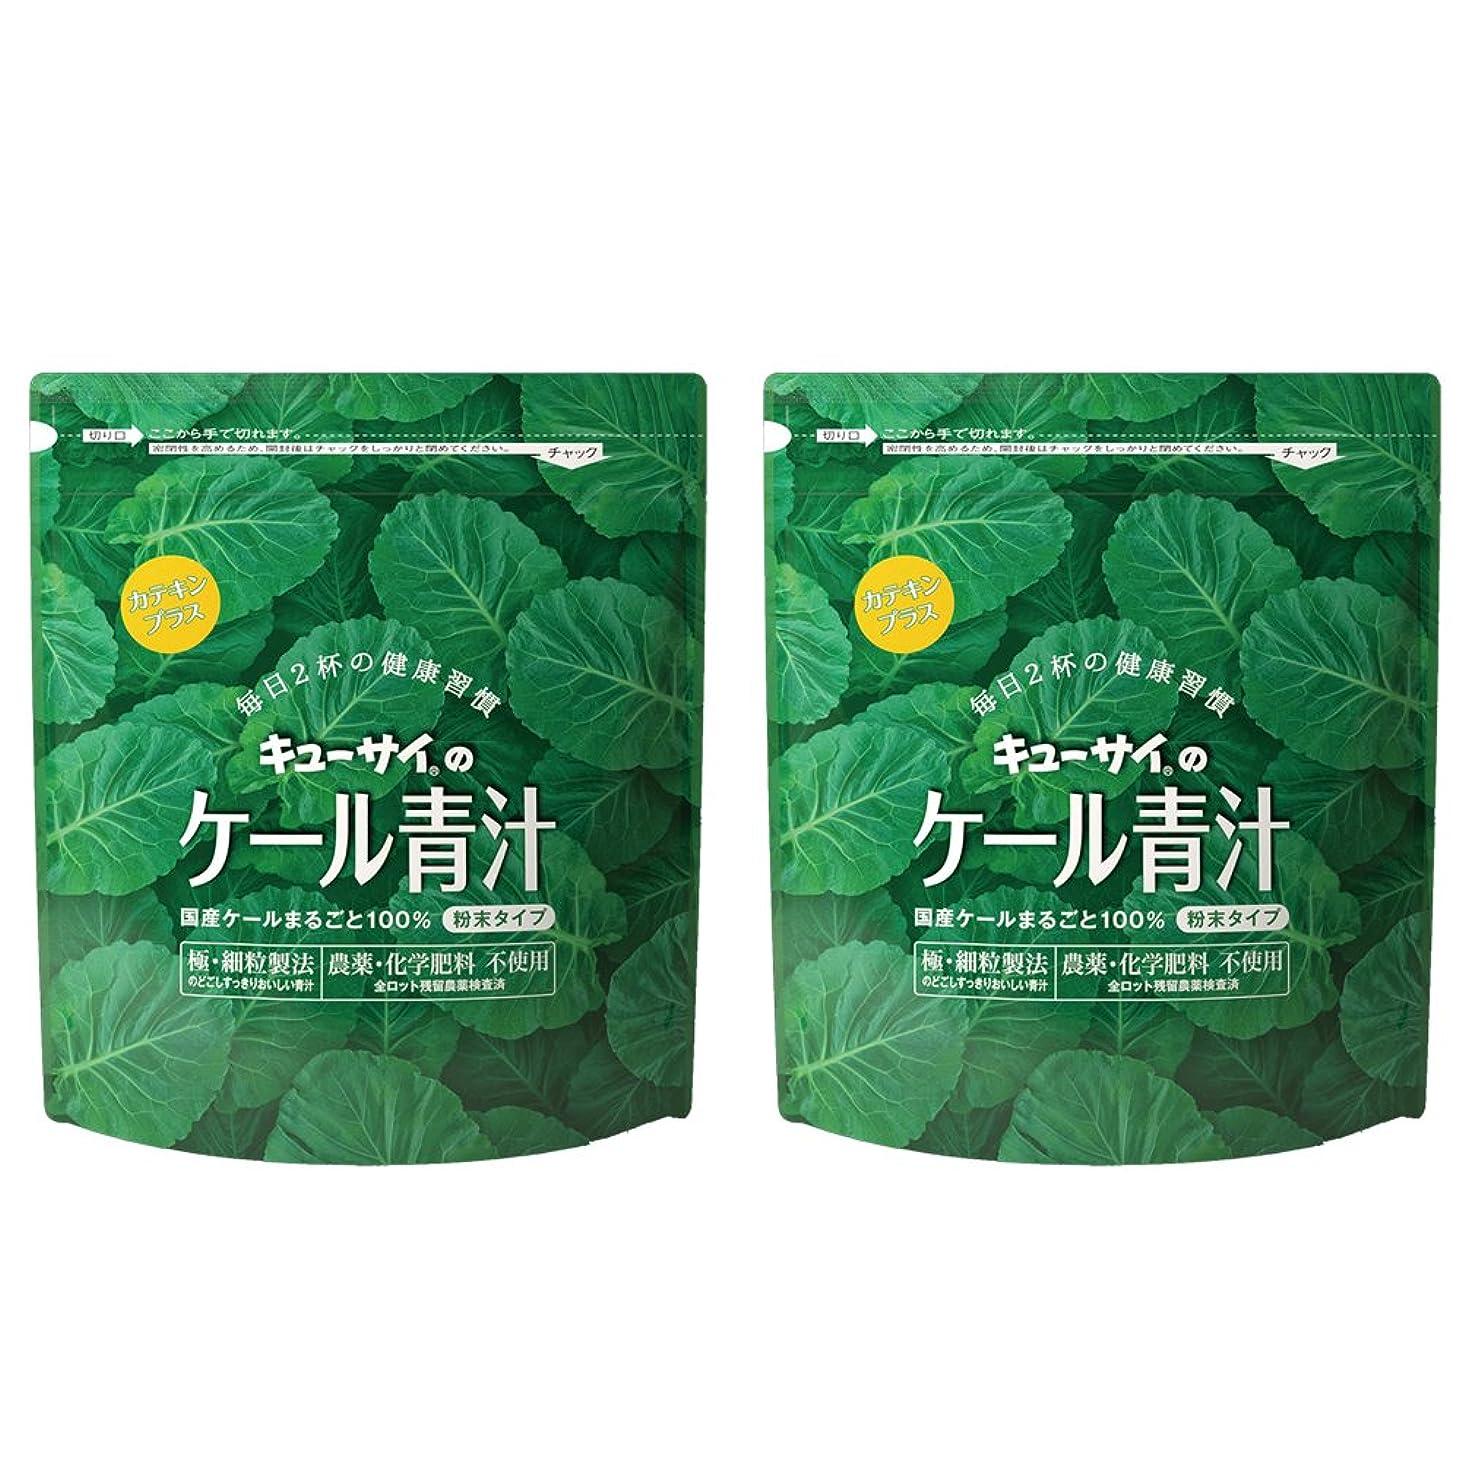 病院防水プーノキューサイ青汁カテキンプラス420g(粉末タイプ)2袋まとめ買い【1袋420g(約1カ月分)】